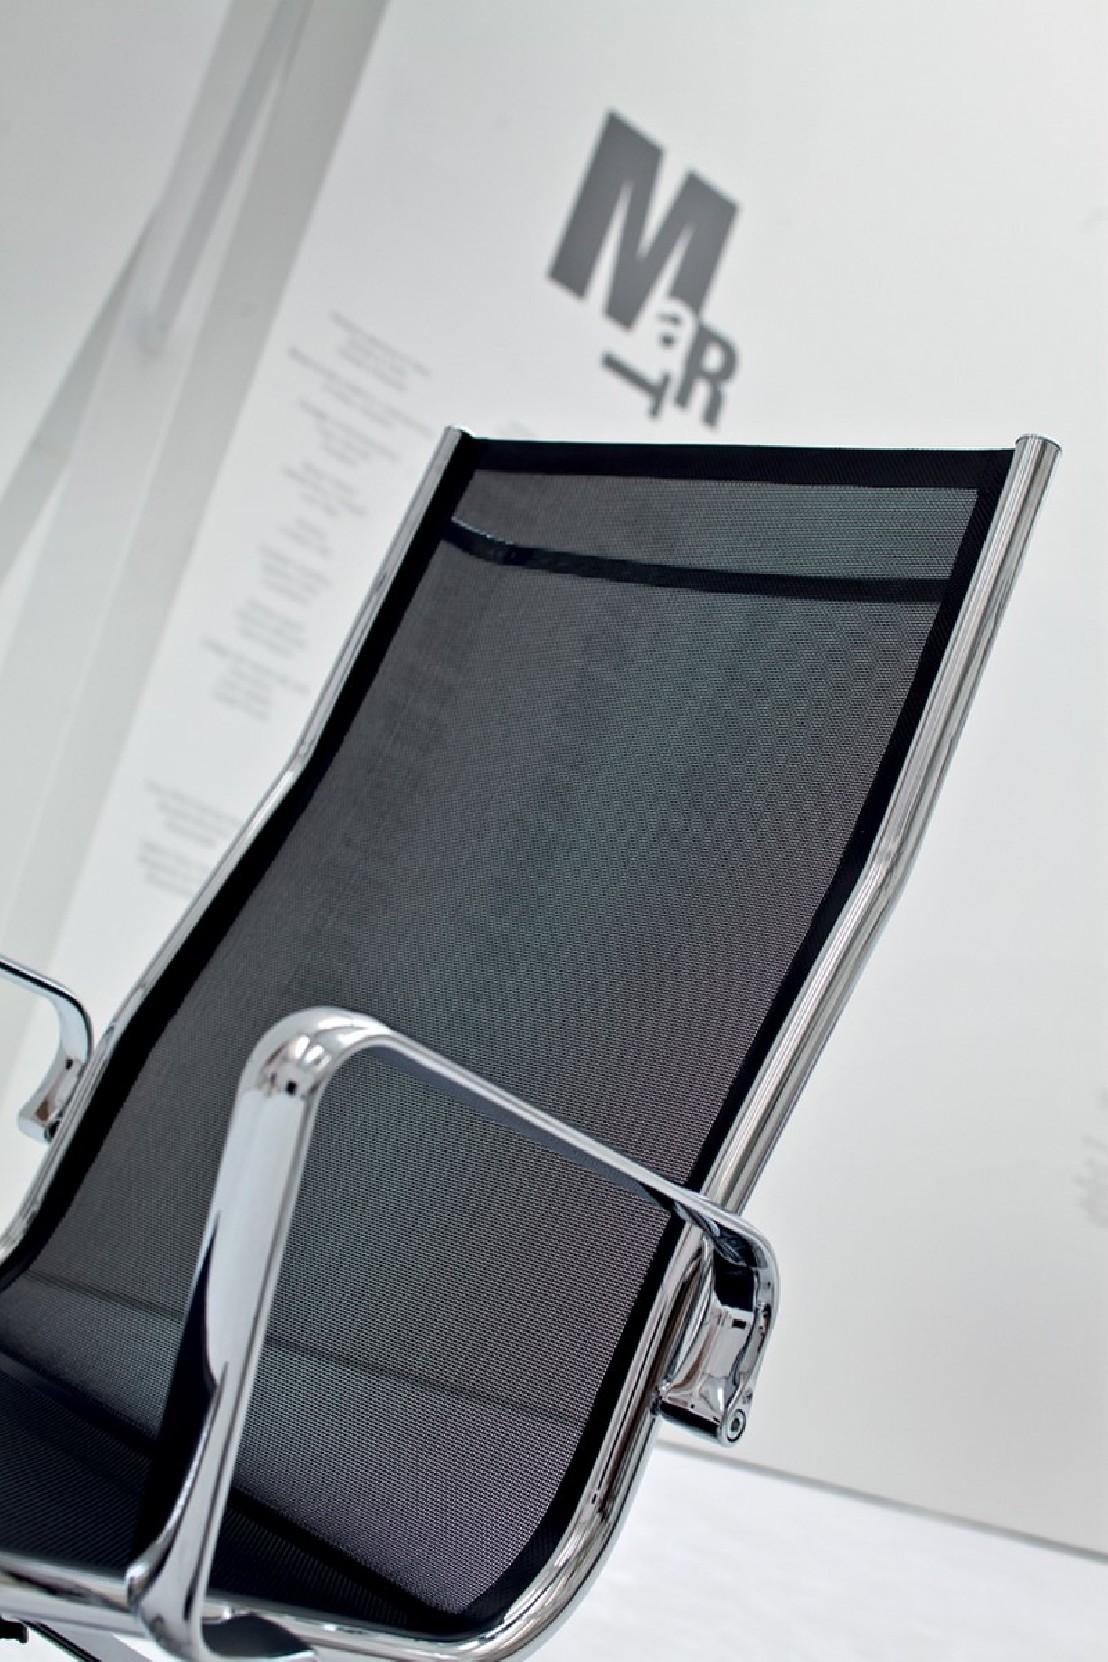 Maille Bureau Dossier Light LuxyRevêtement Design De Fauteuil Haut 0vmN8nw